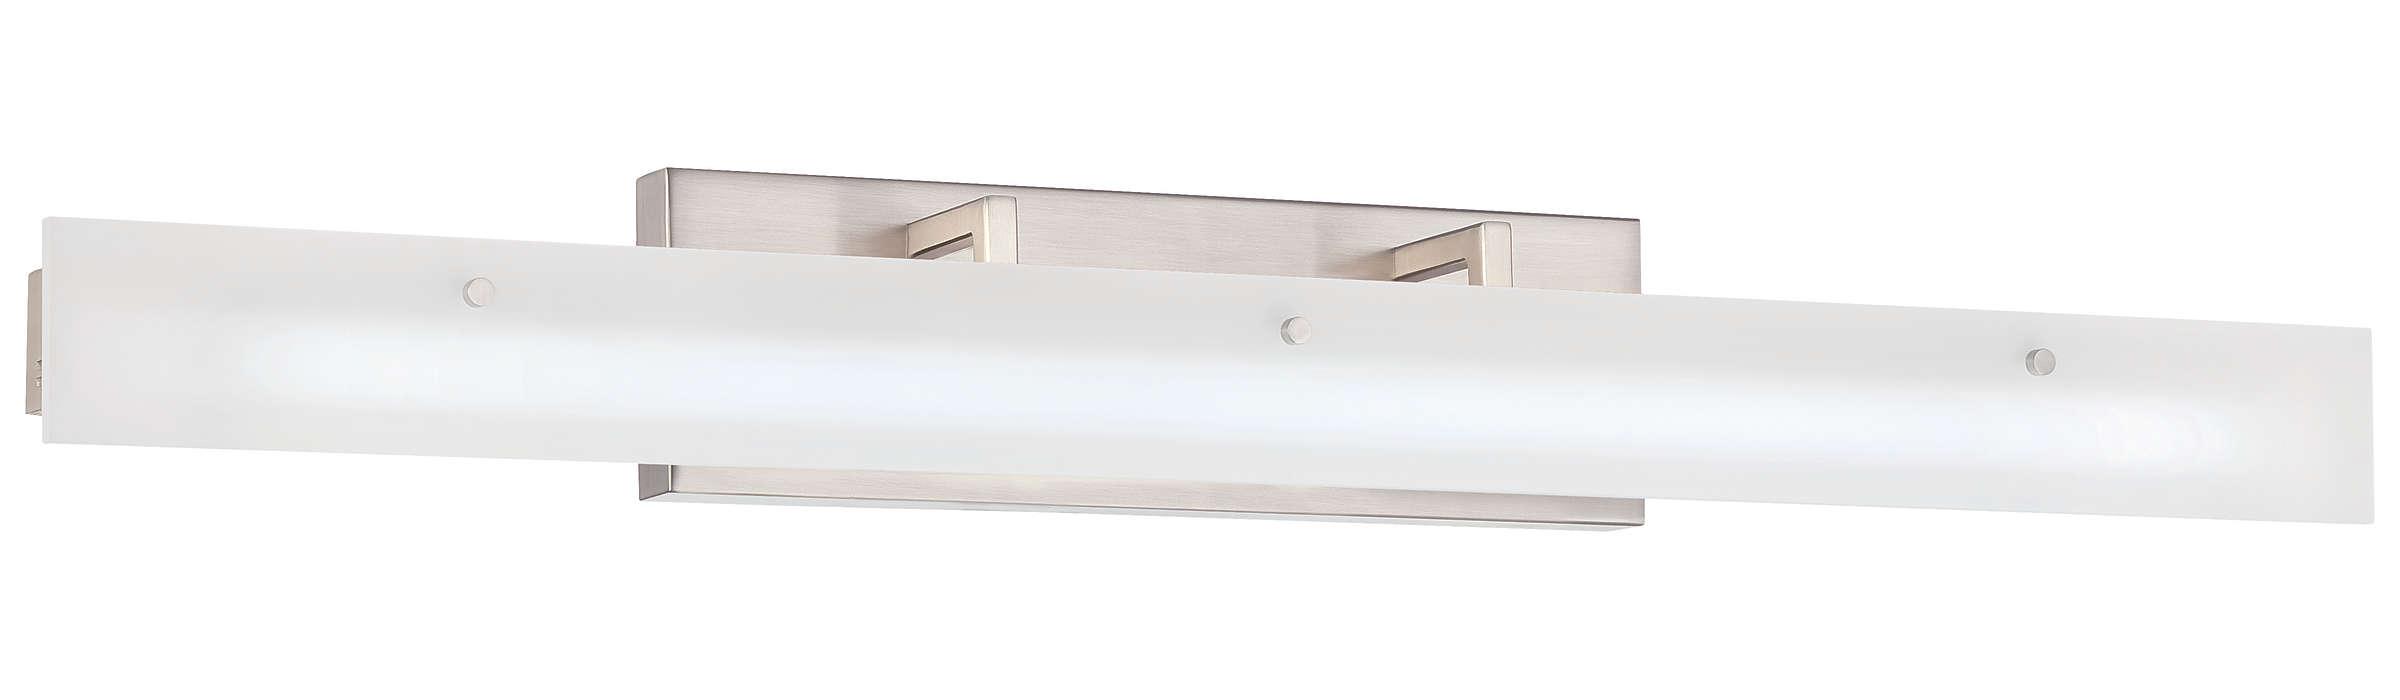 Axo 1-light Bath in Satin Nickel finish